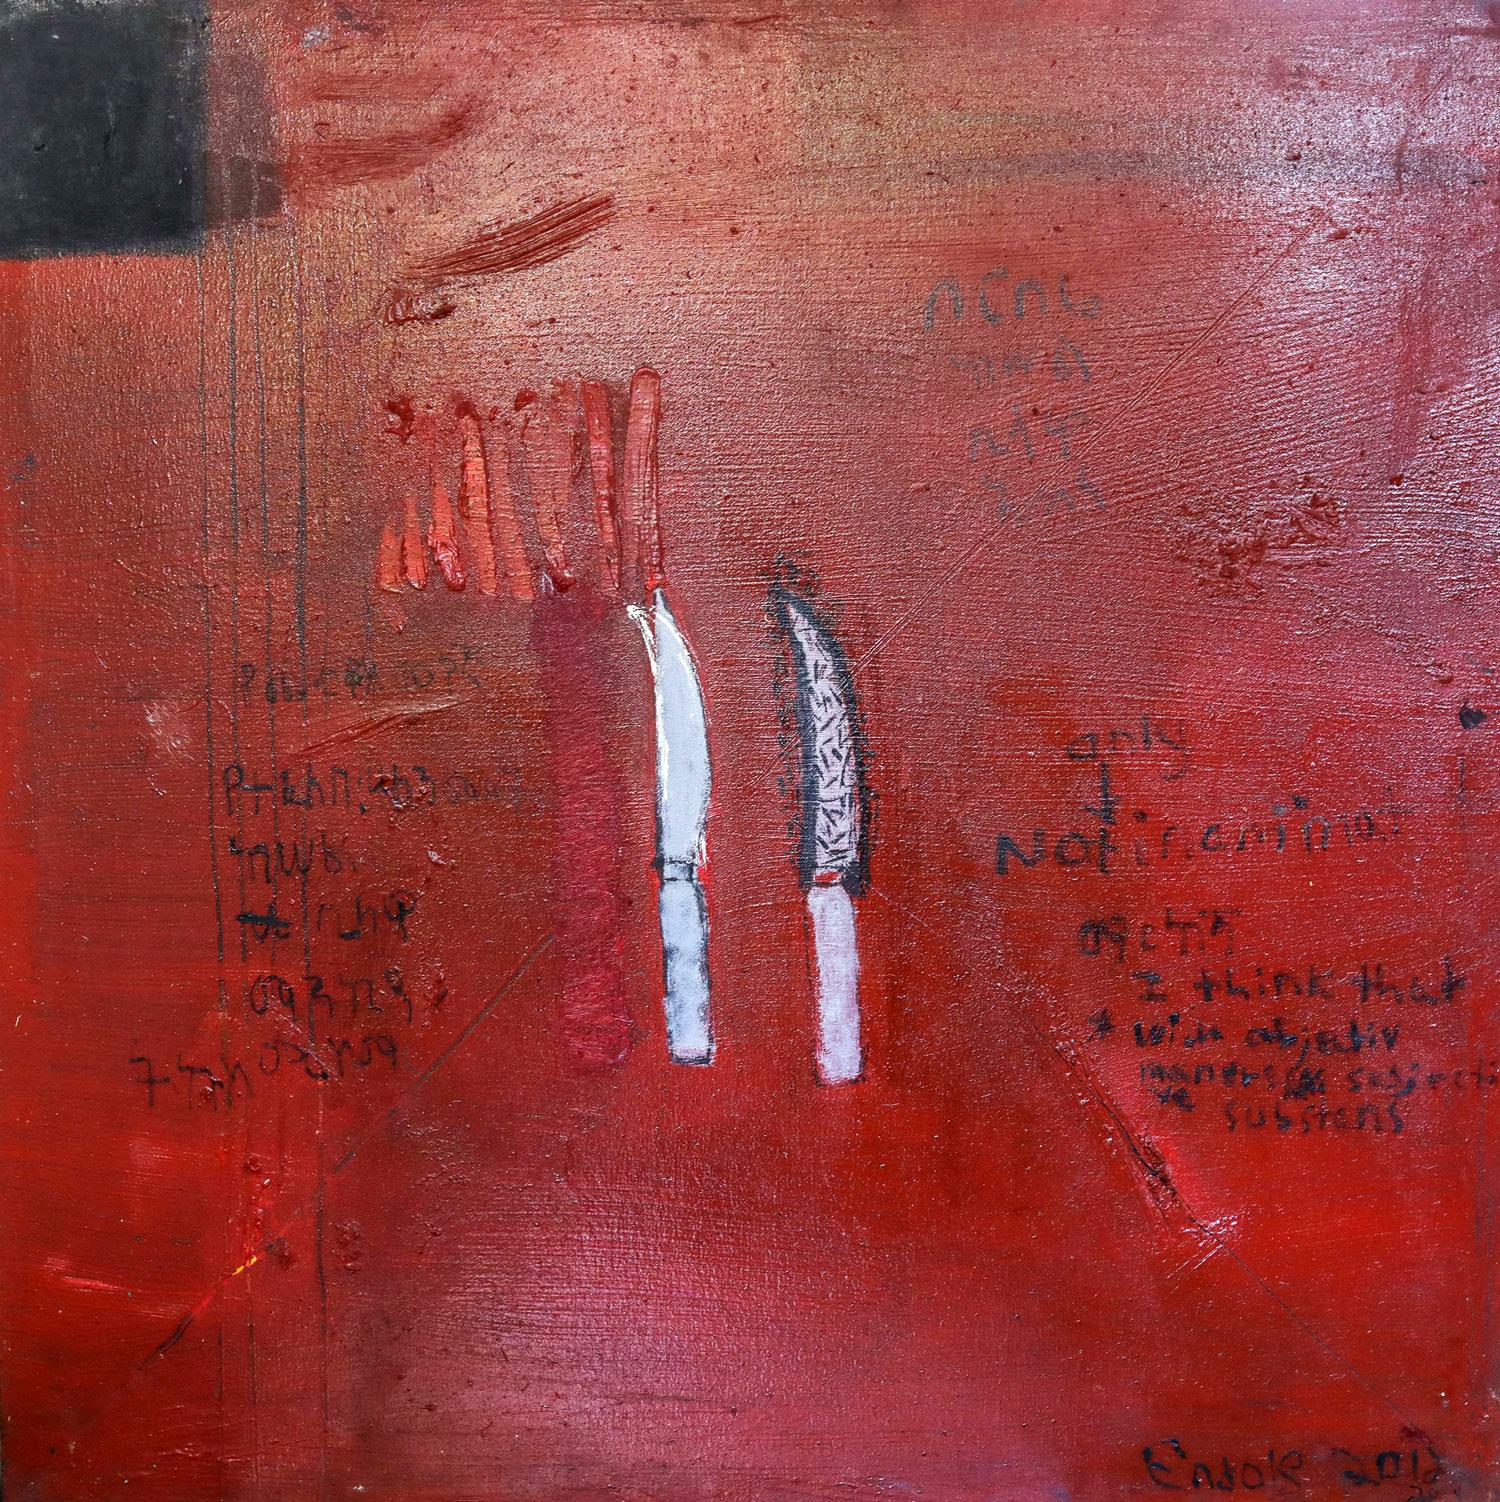 ENDALE-DESALEGN---KNIFE-ON-BERBERE-2012-02-Endale-Desalegn